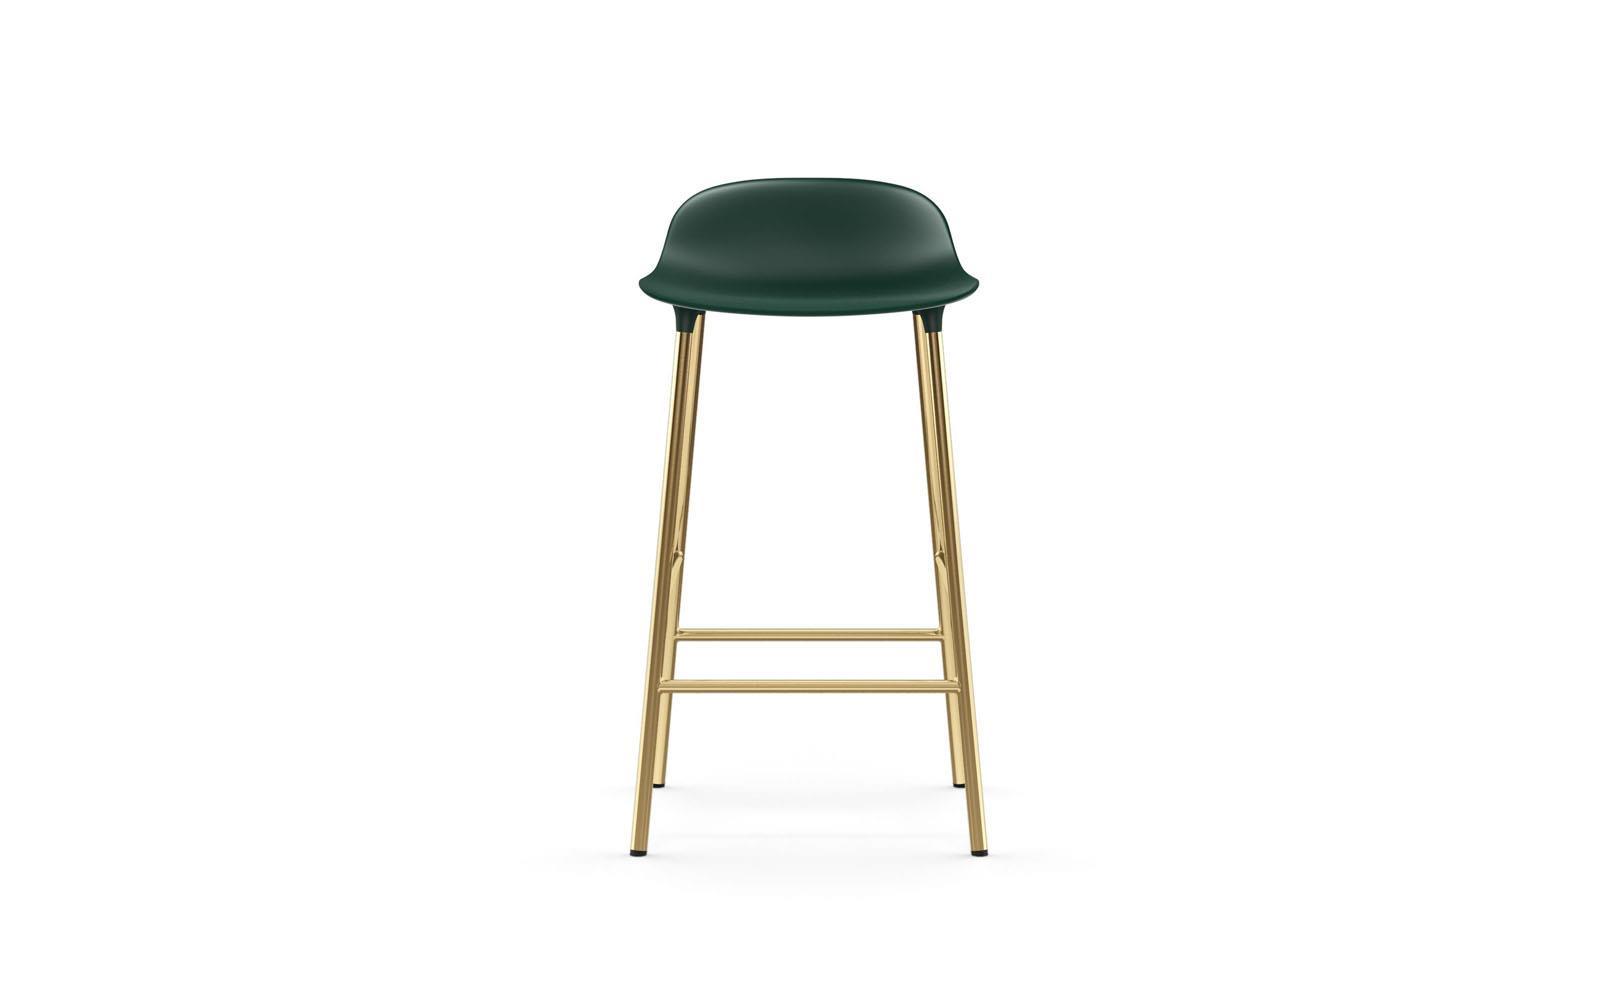 barstol 65 cm Form barstol 65 cm messing grøn barstol 65 cm